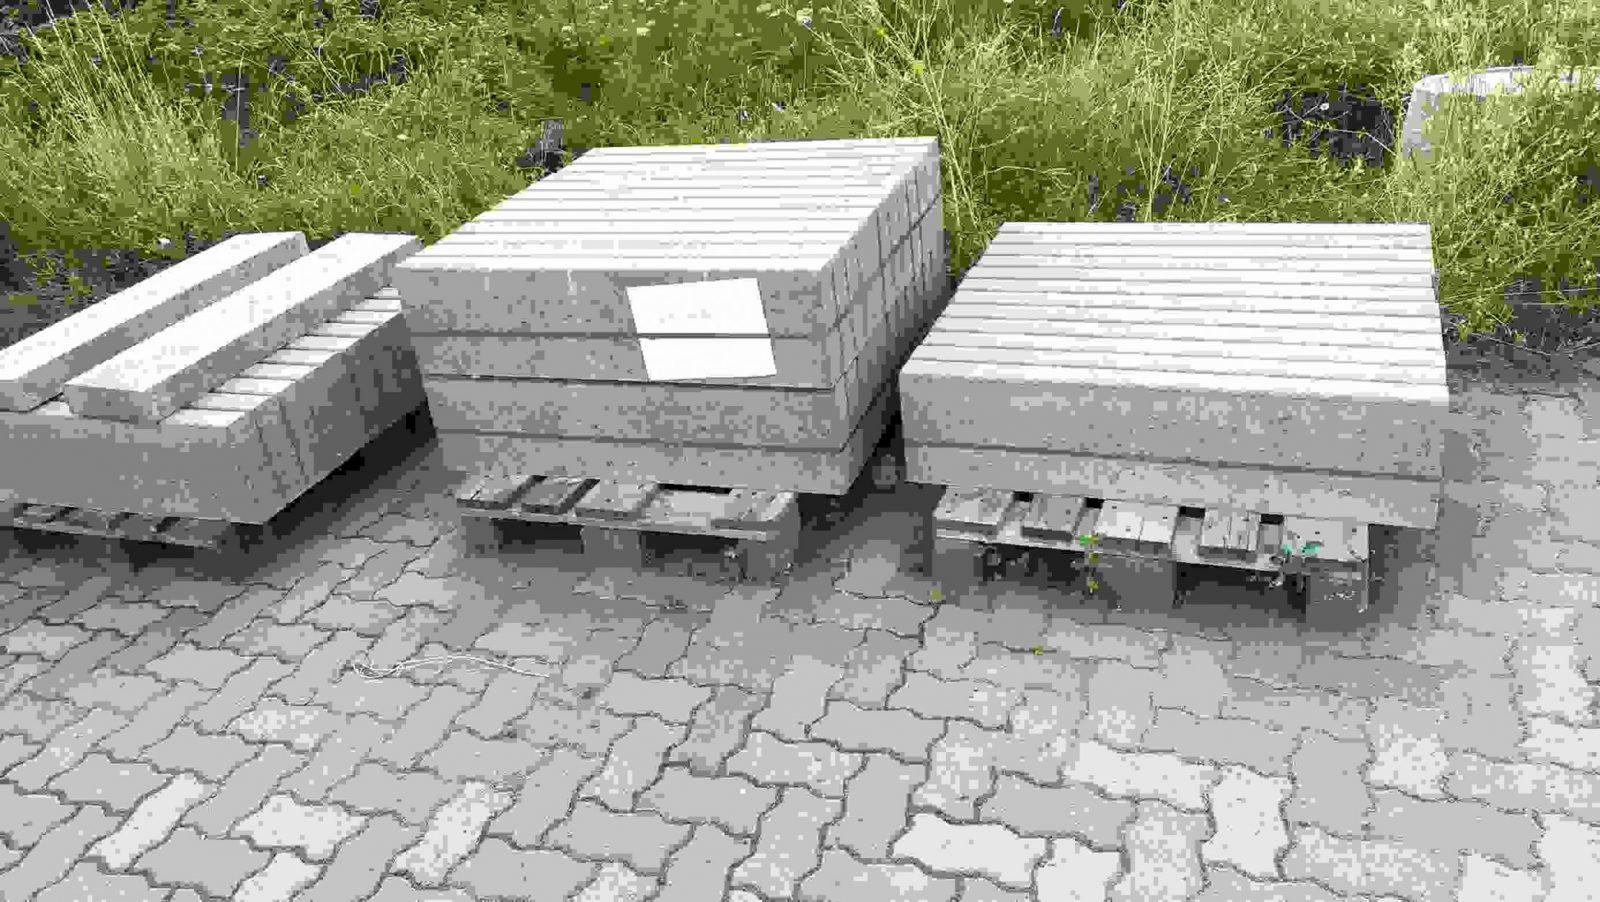 87 Inspirierend Bild Von Kosten Einfahrt Pflastern  Grundrisse Idee von Hof Pflastern Kosten Pro M2 Bild